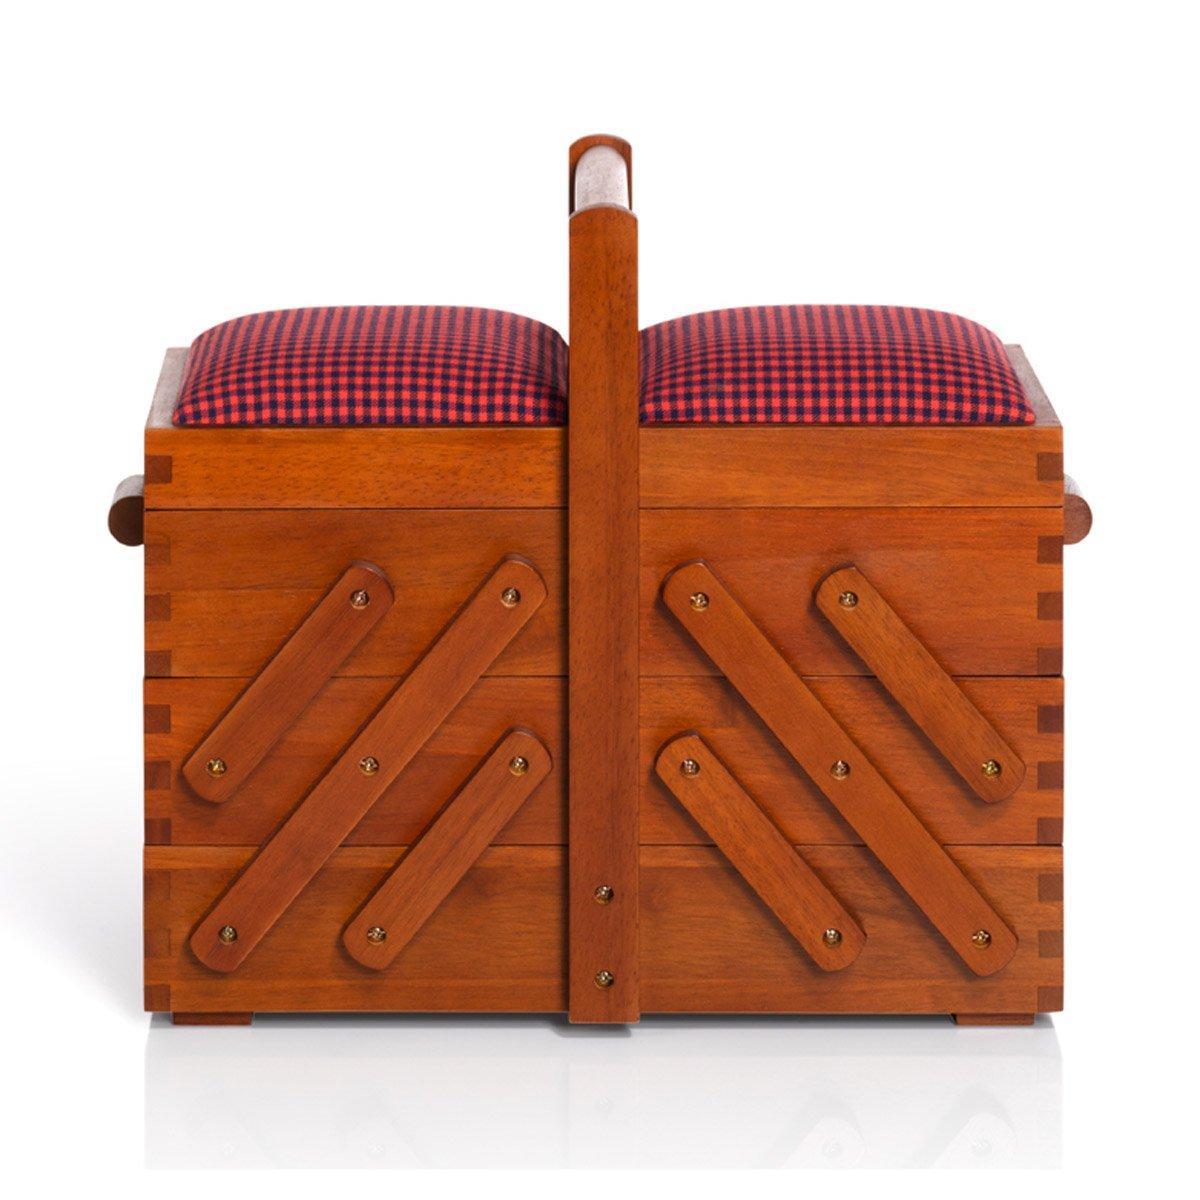 Prym naturale scatola da cucito in legno scuro, tessuto top | media 36x 30x 19cm 612550